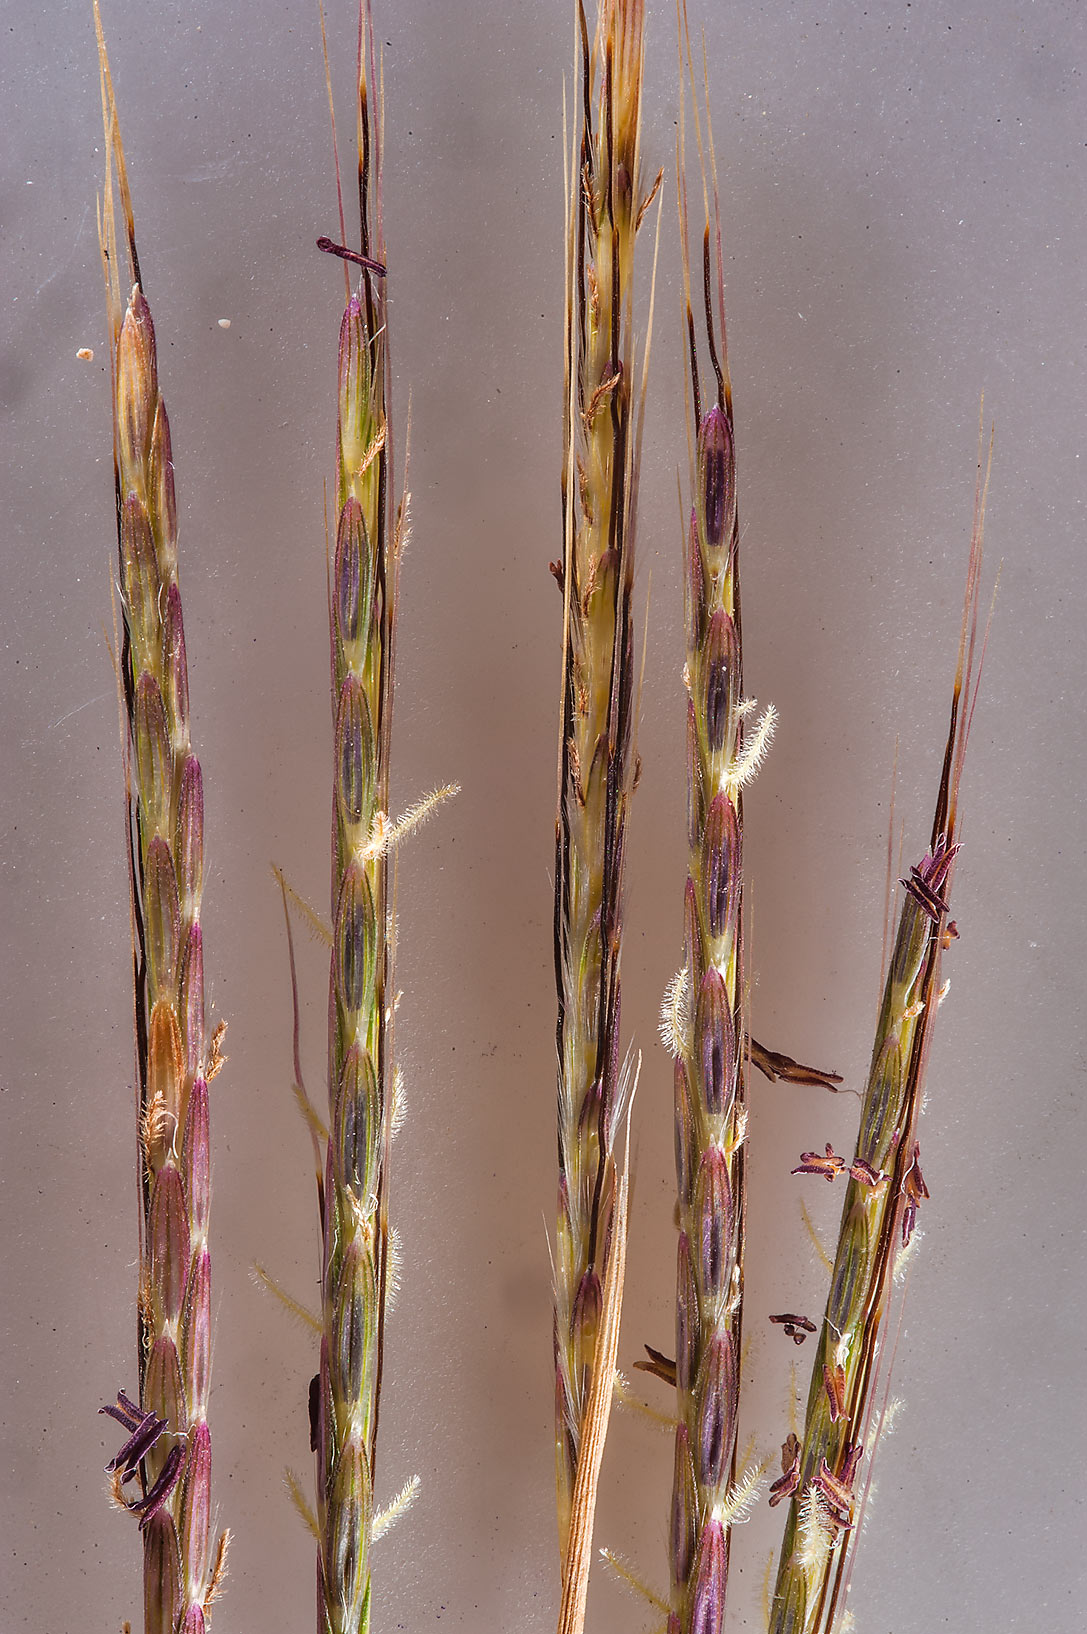 photo 177910 grass dichanthium foveolatum taken from